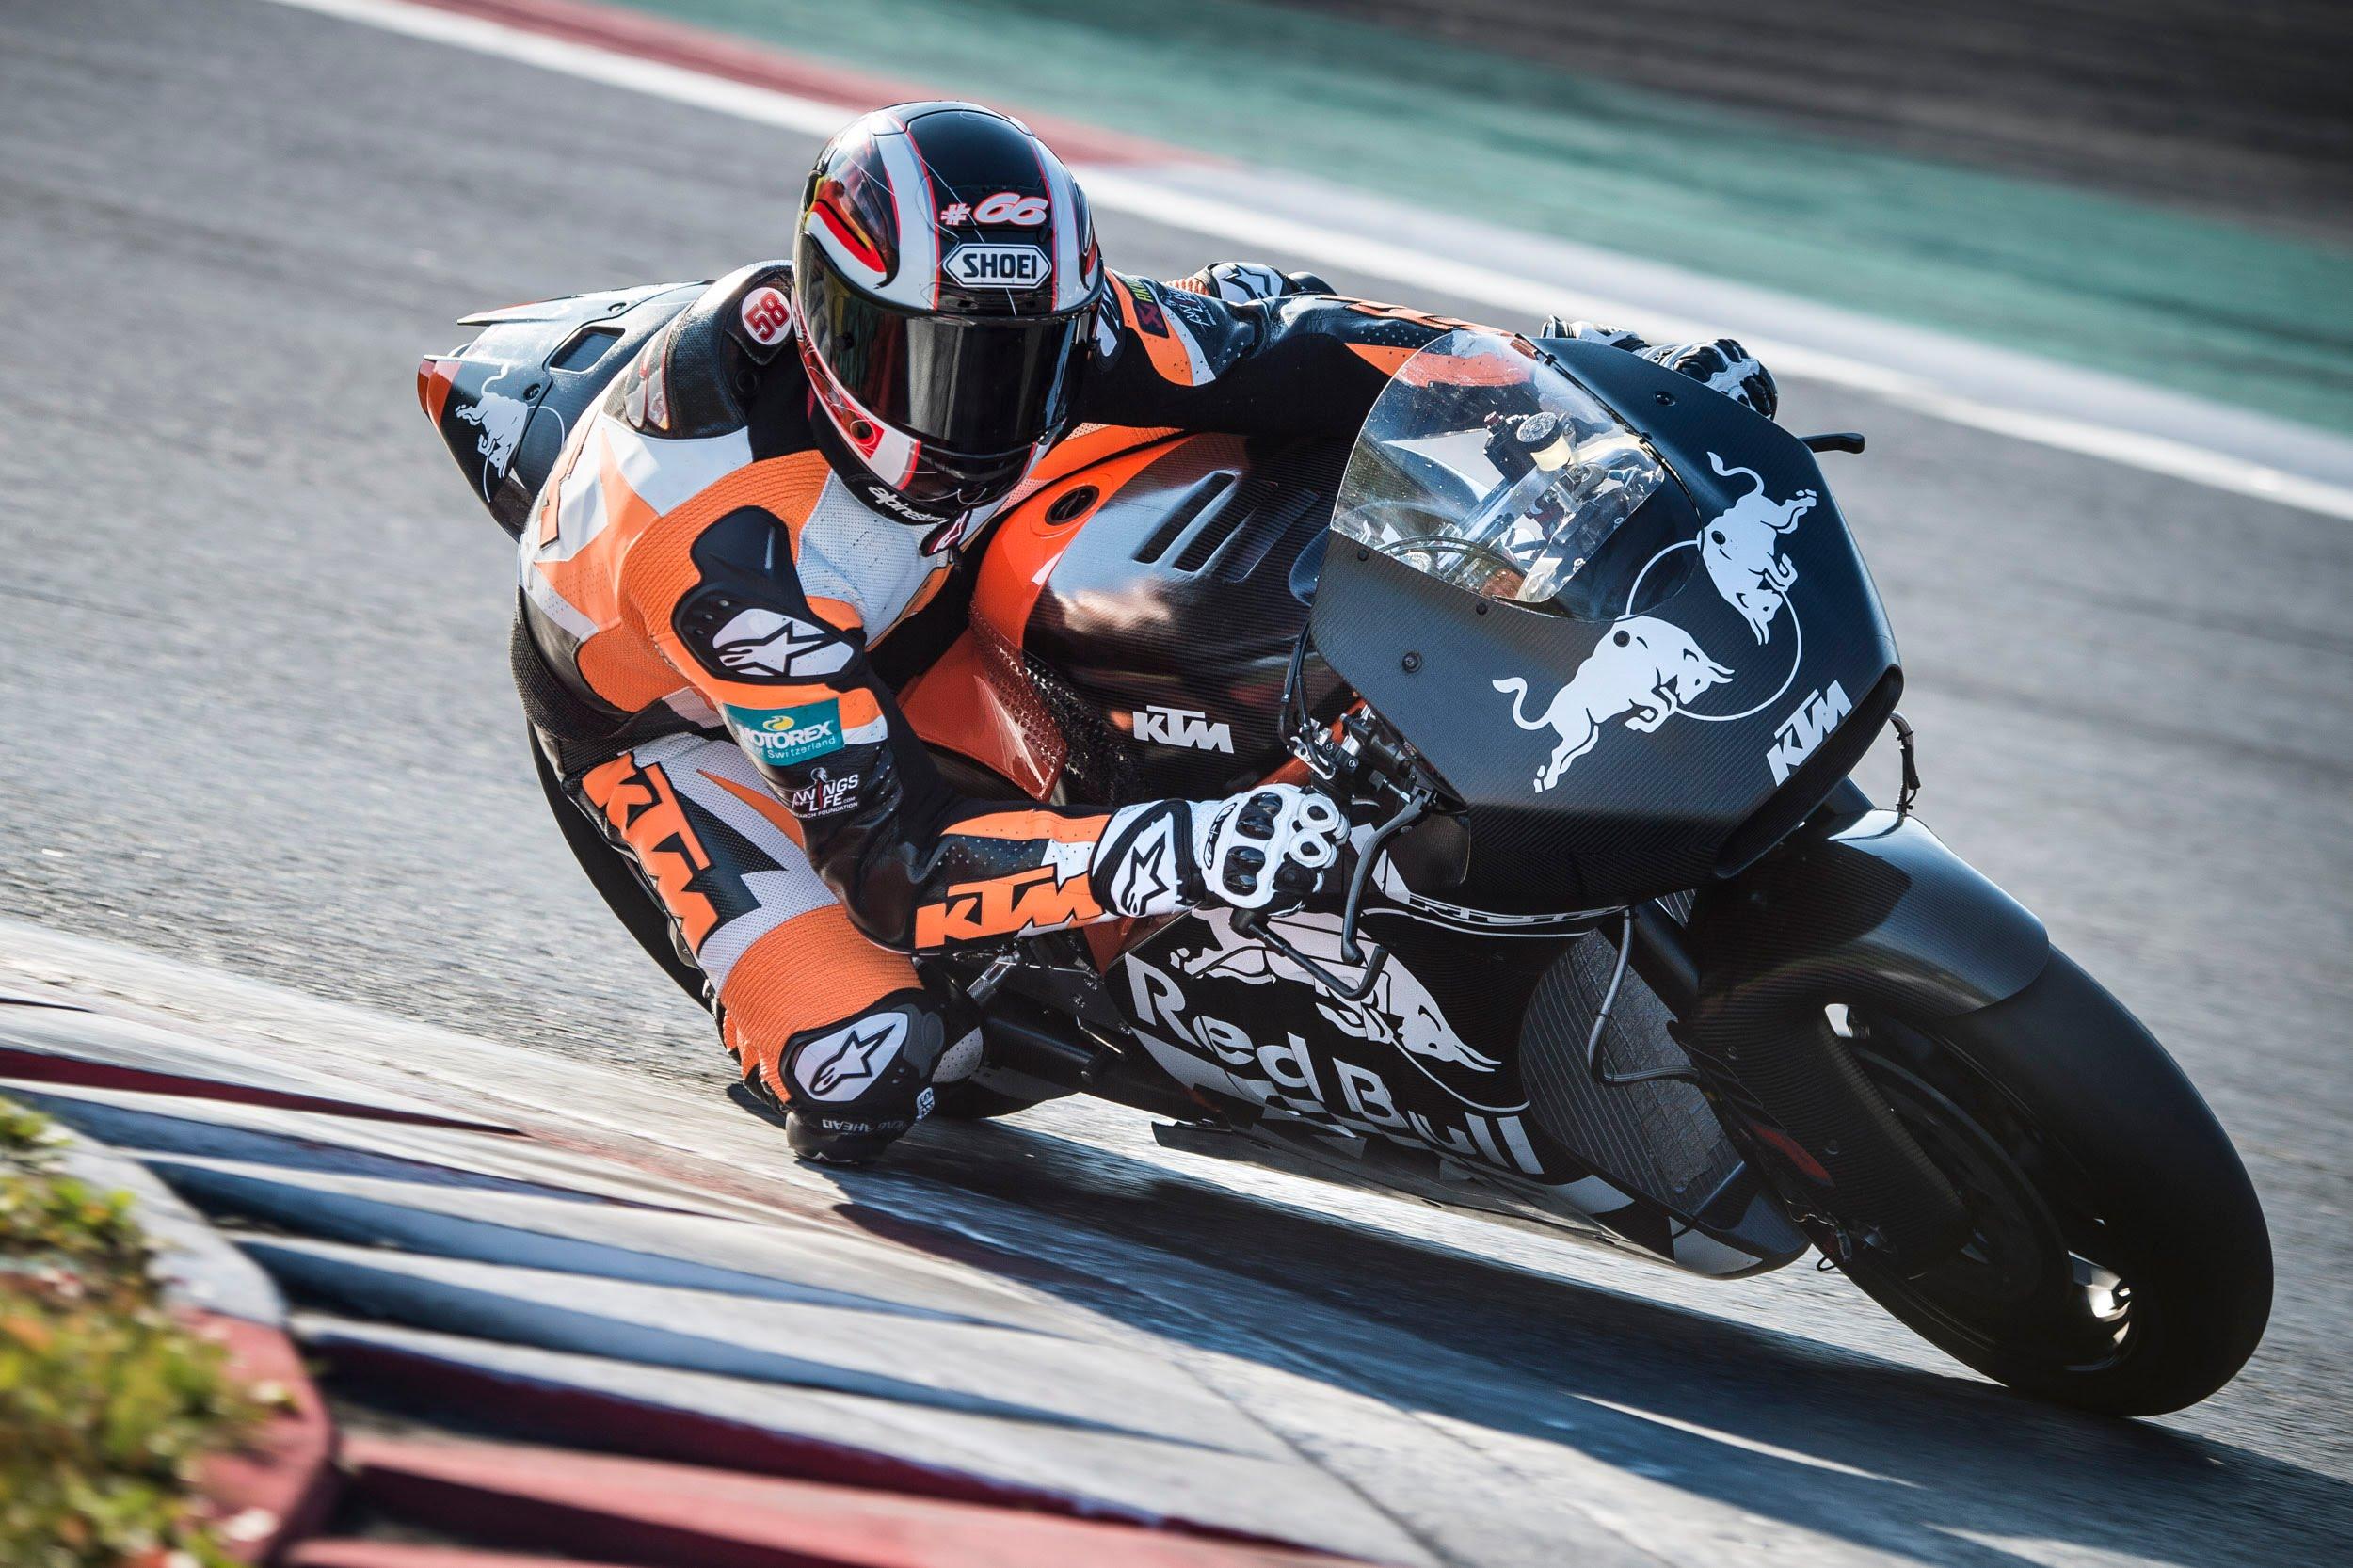 KTM-Rc16-MotoGP-autonovosti.me-3